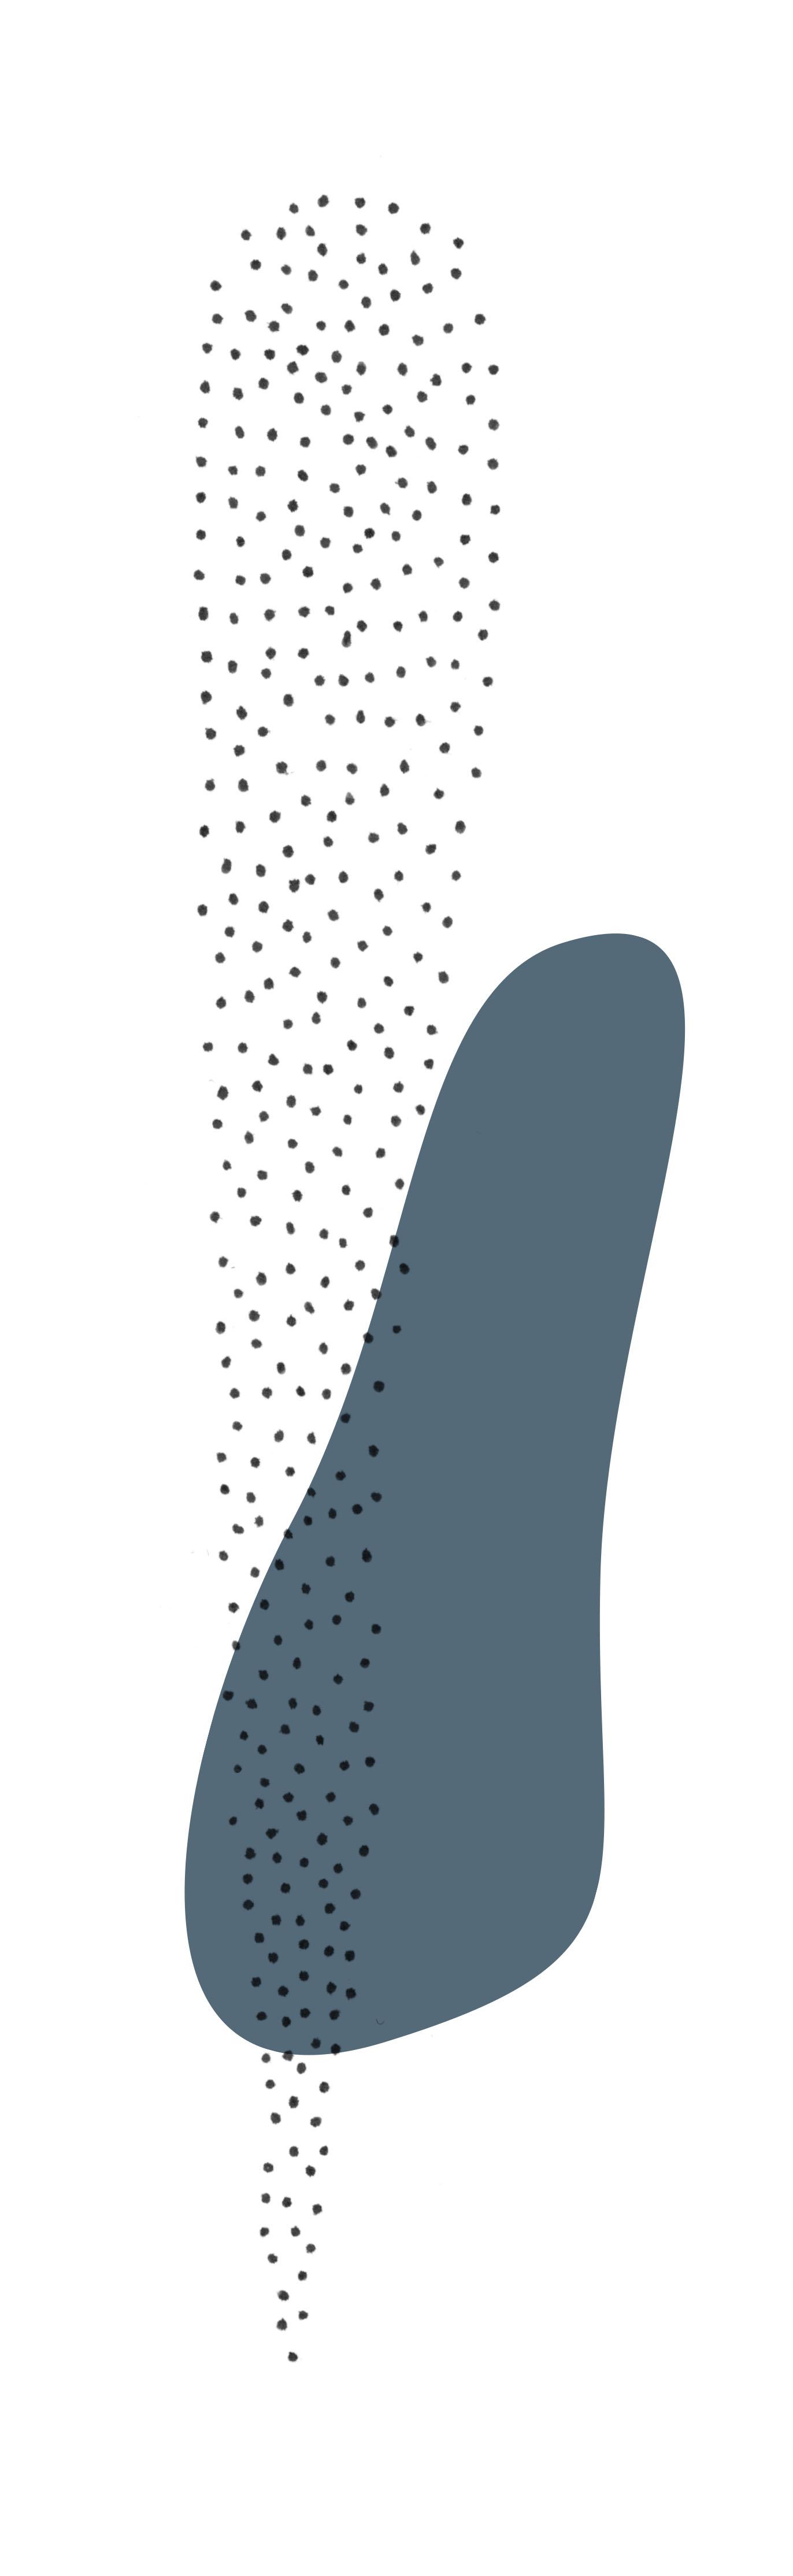 illust_5Artboard 1.jpg